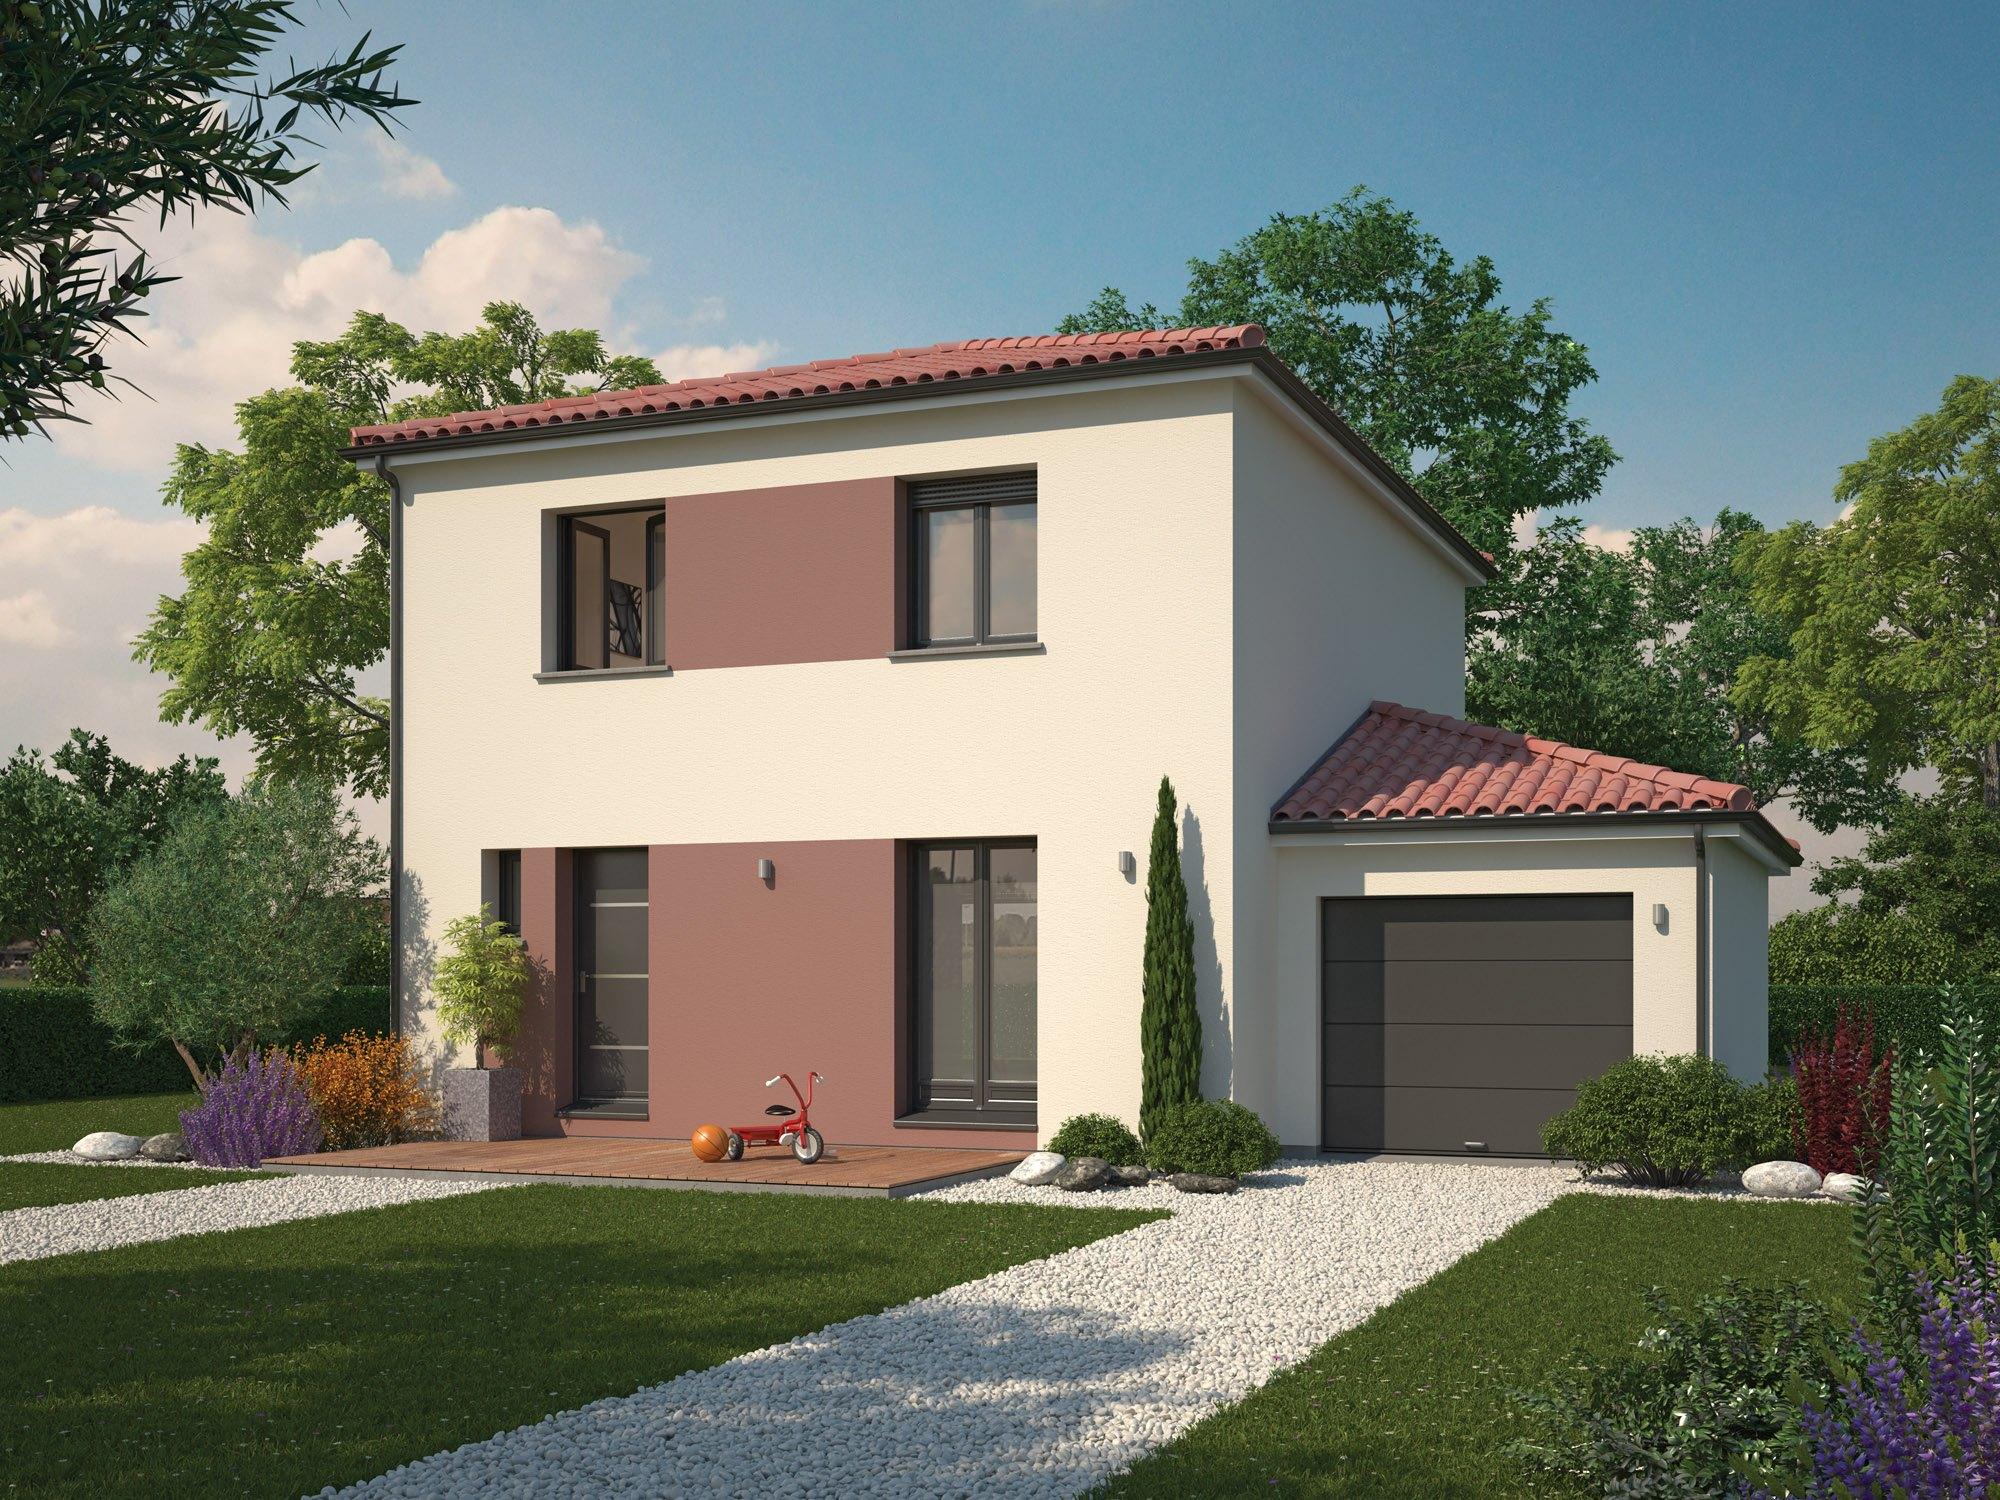 Maisons + Terrains du constructeur Maisons familiales Échirolles • 100 m² • POLIENAS